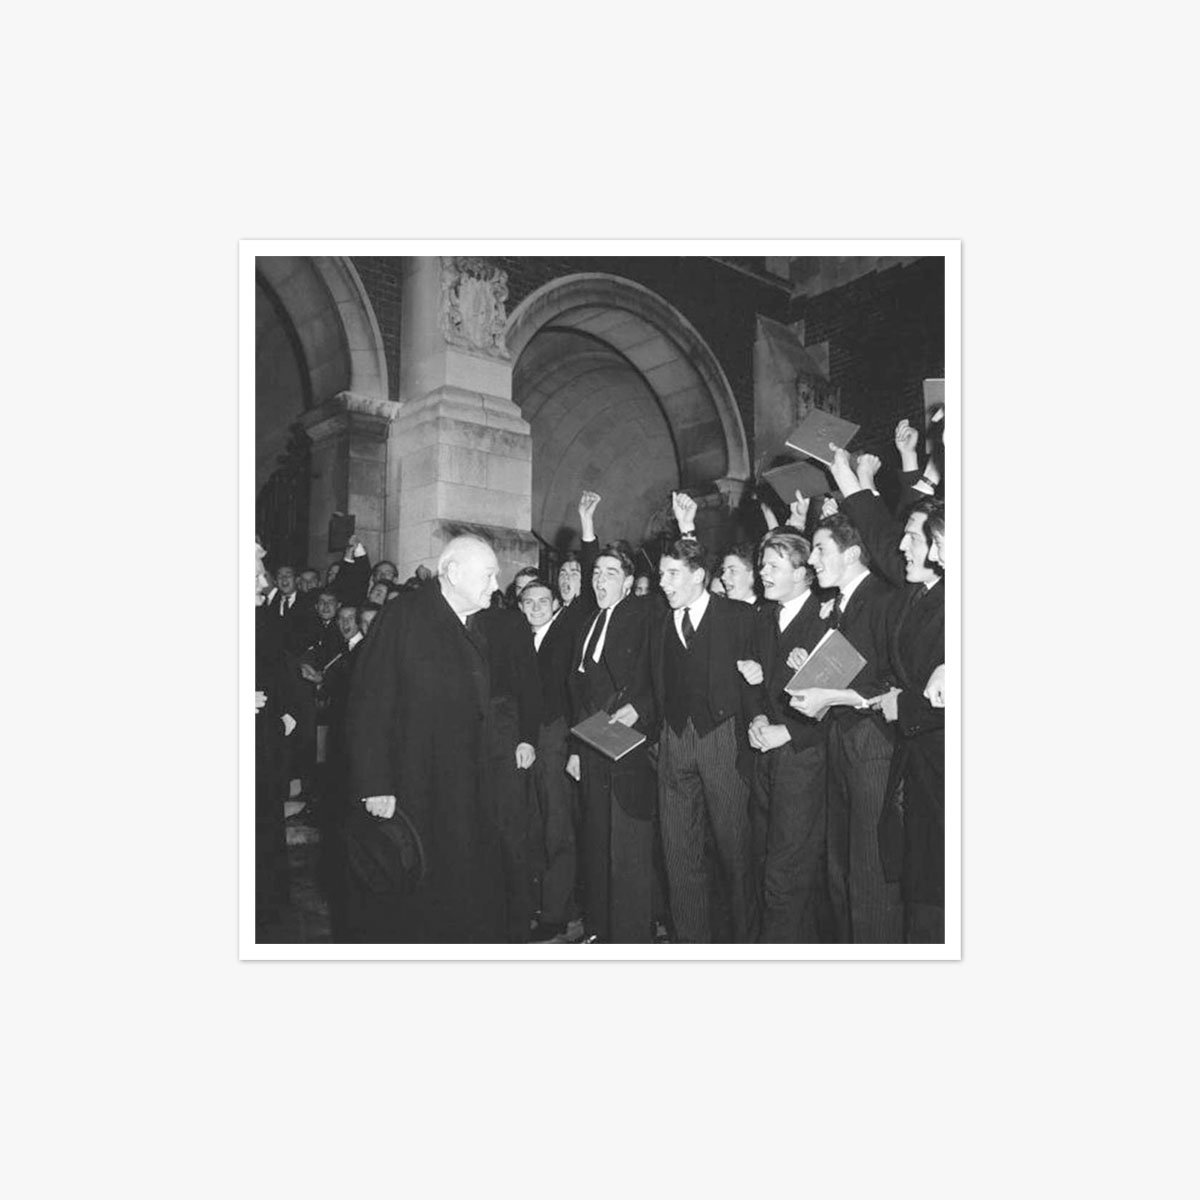 Churchill At Harrow by Harry Benson